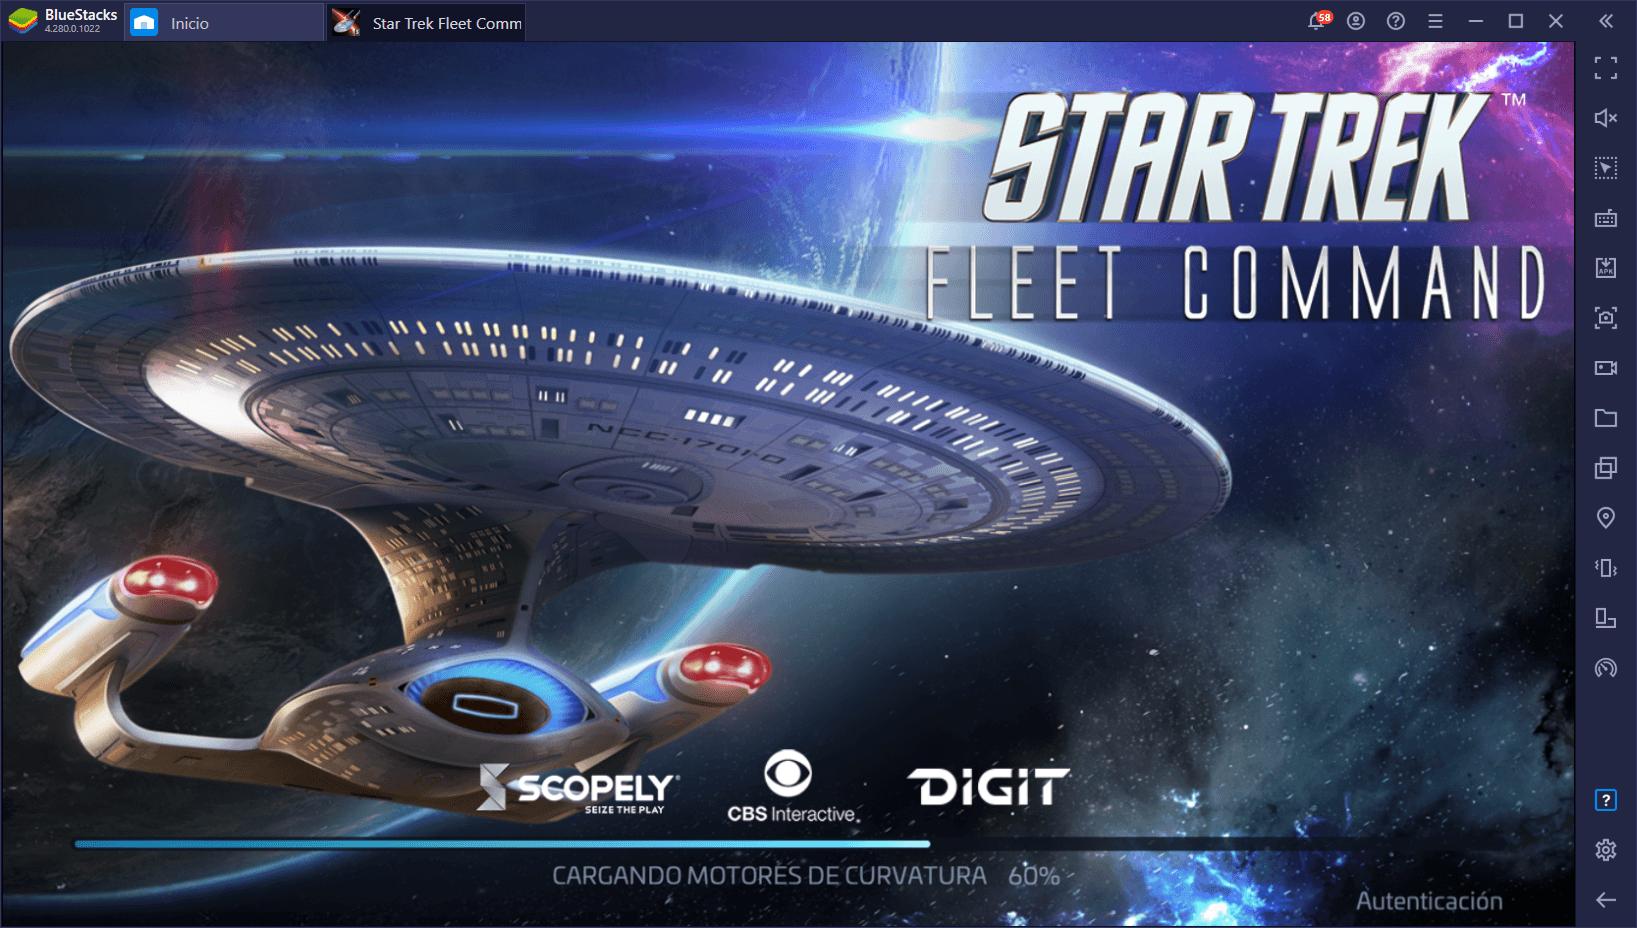 Cómo Jugar Star Trek Fleet Command en PC con BlueStacks